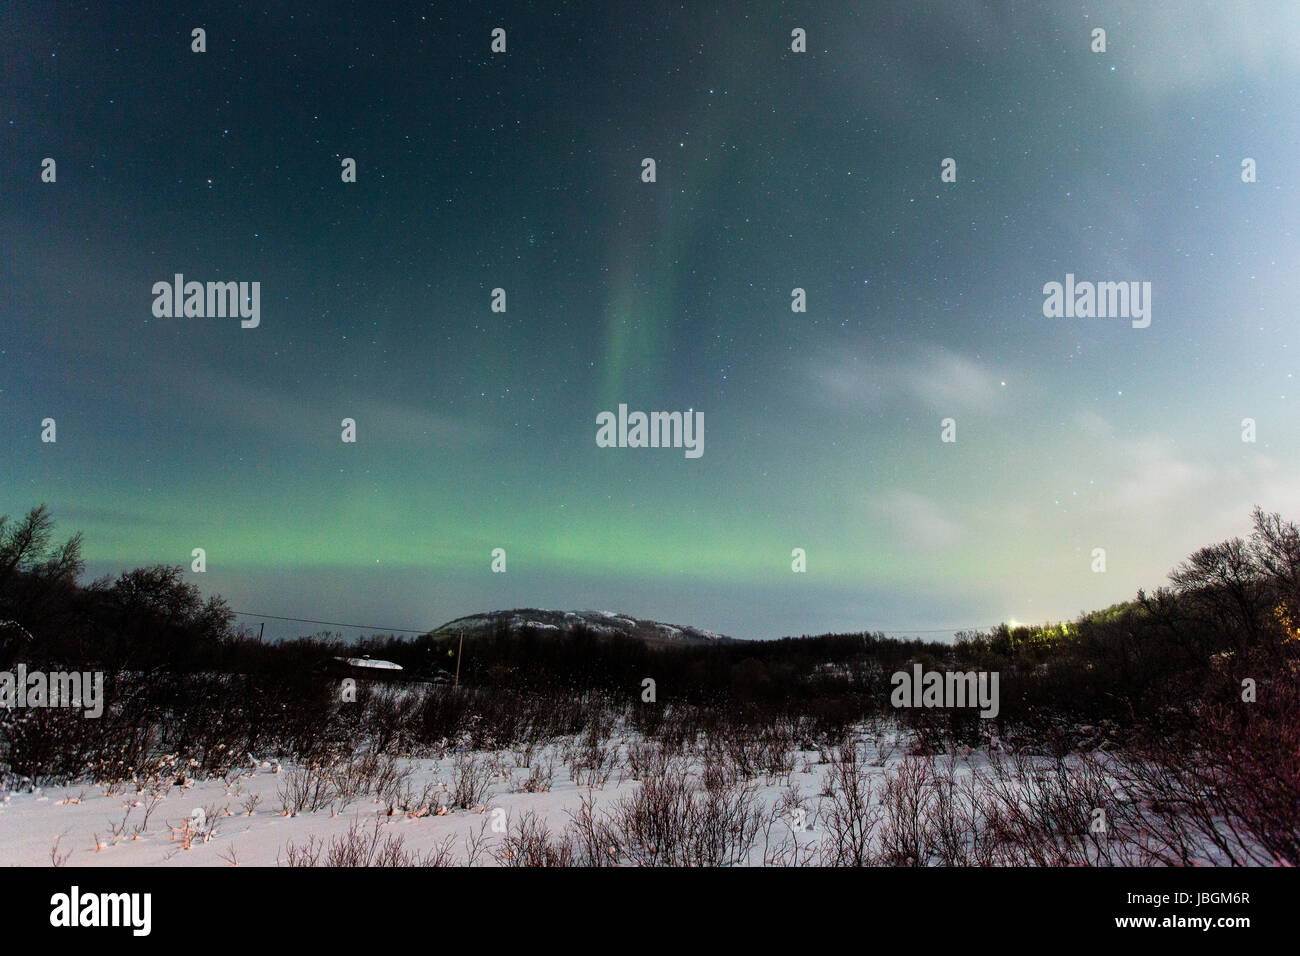 Polarlicht (Aurora borealis) in Norwegen, bei Kirkenes am See Rundvatnet - Stock Image